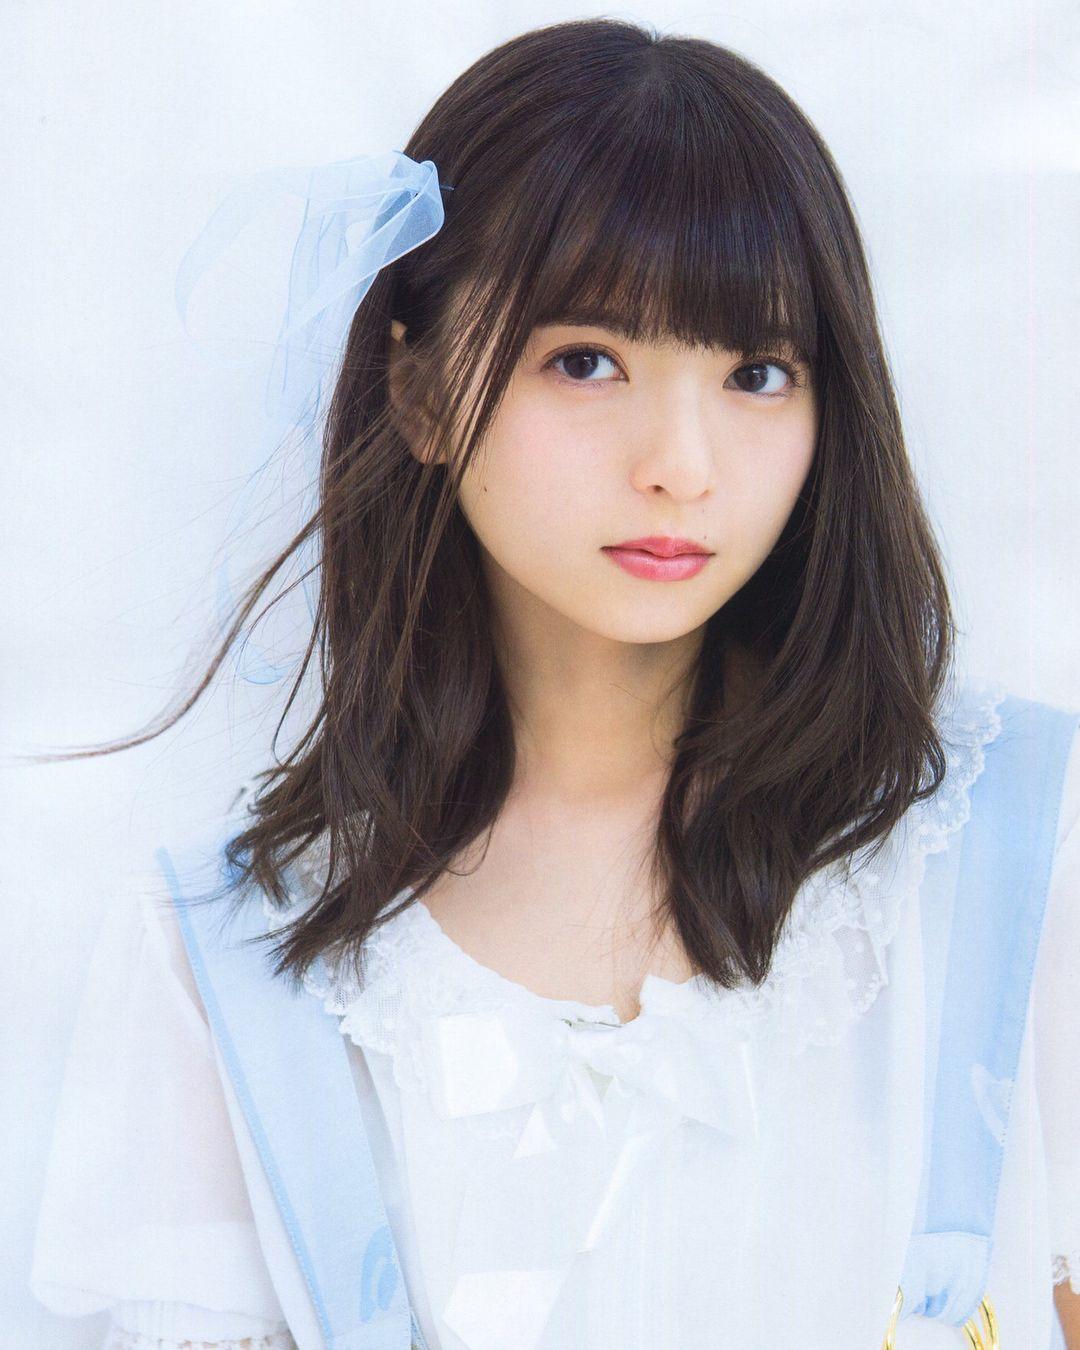 あしゅー このあしゅがどこかのお姫様に見えます 乃木坂46 乃木坂 乃木坂好きなひとと仲良くなりたい あしゅ あしゅりん 齋藤飛鳥 Asian Beauty Japanese Beauty Asian Cute